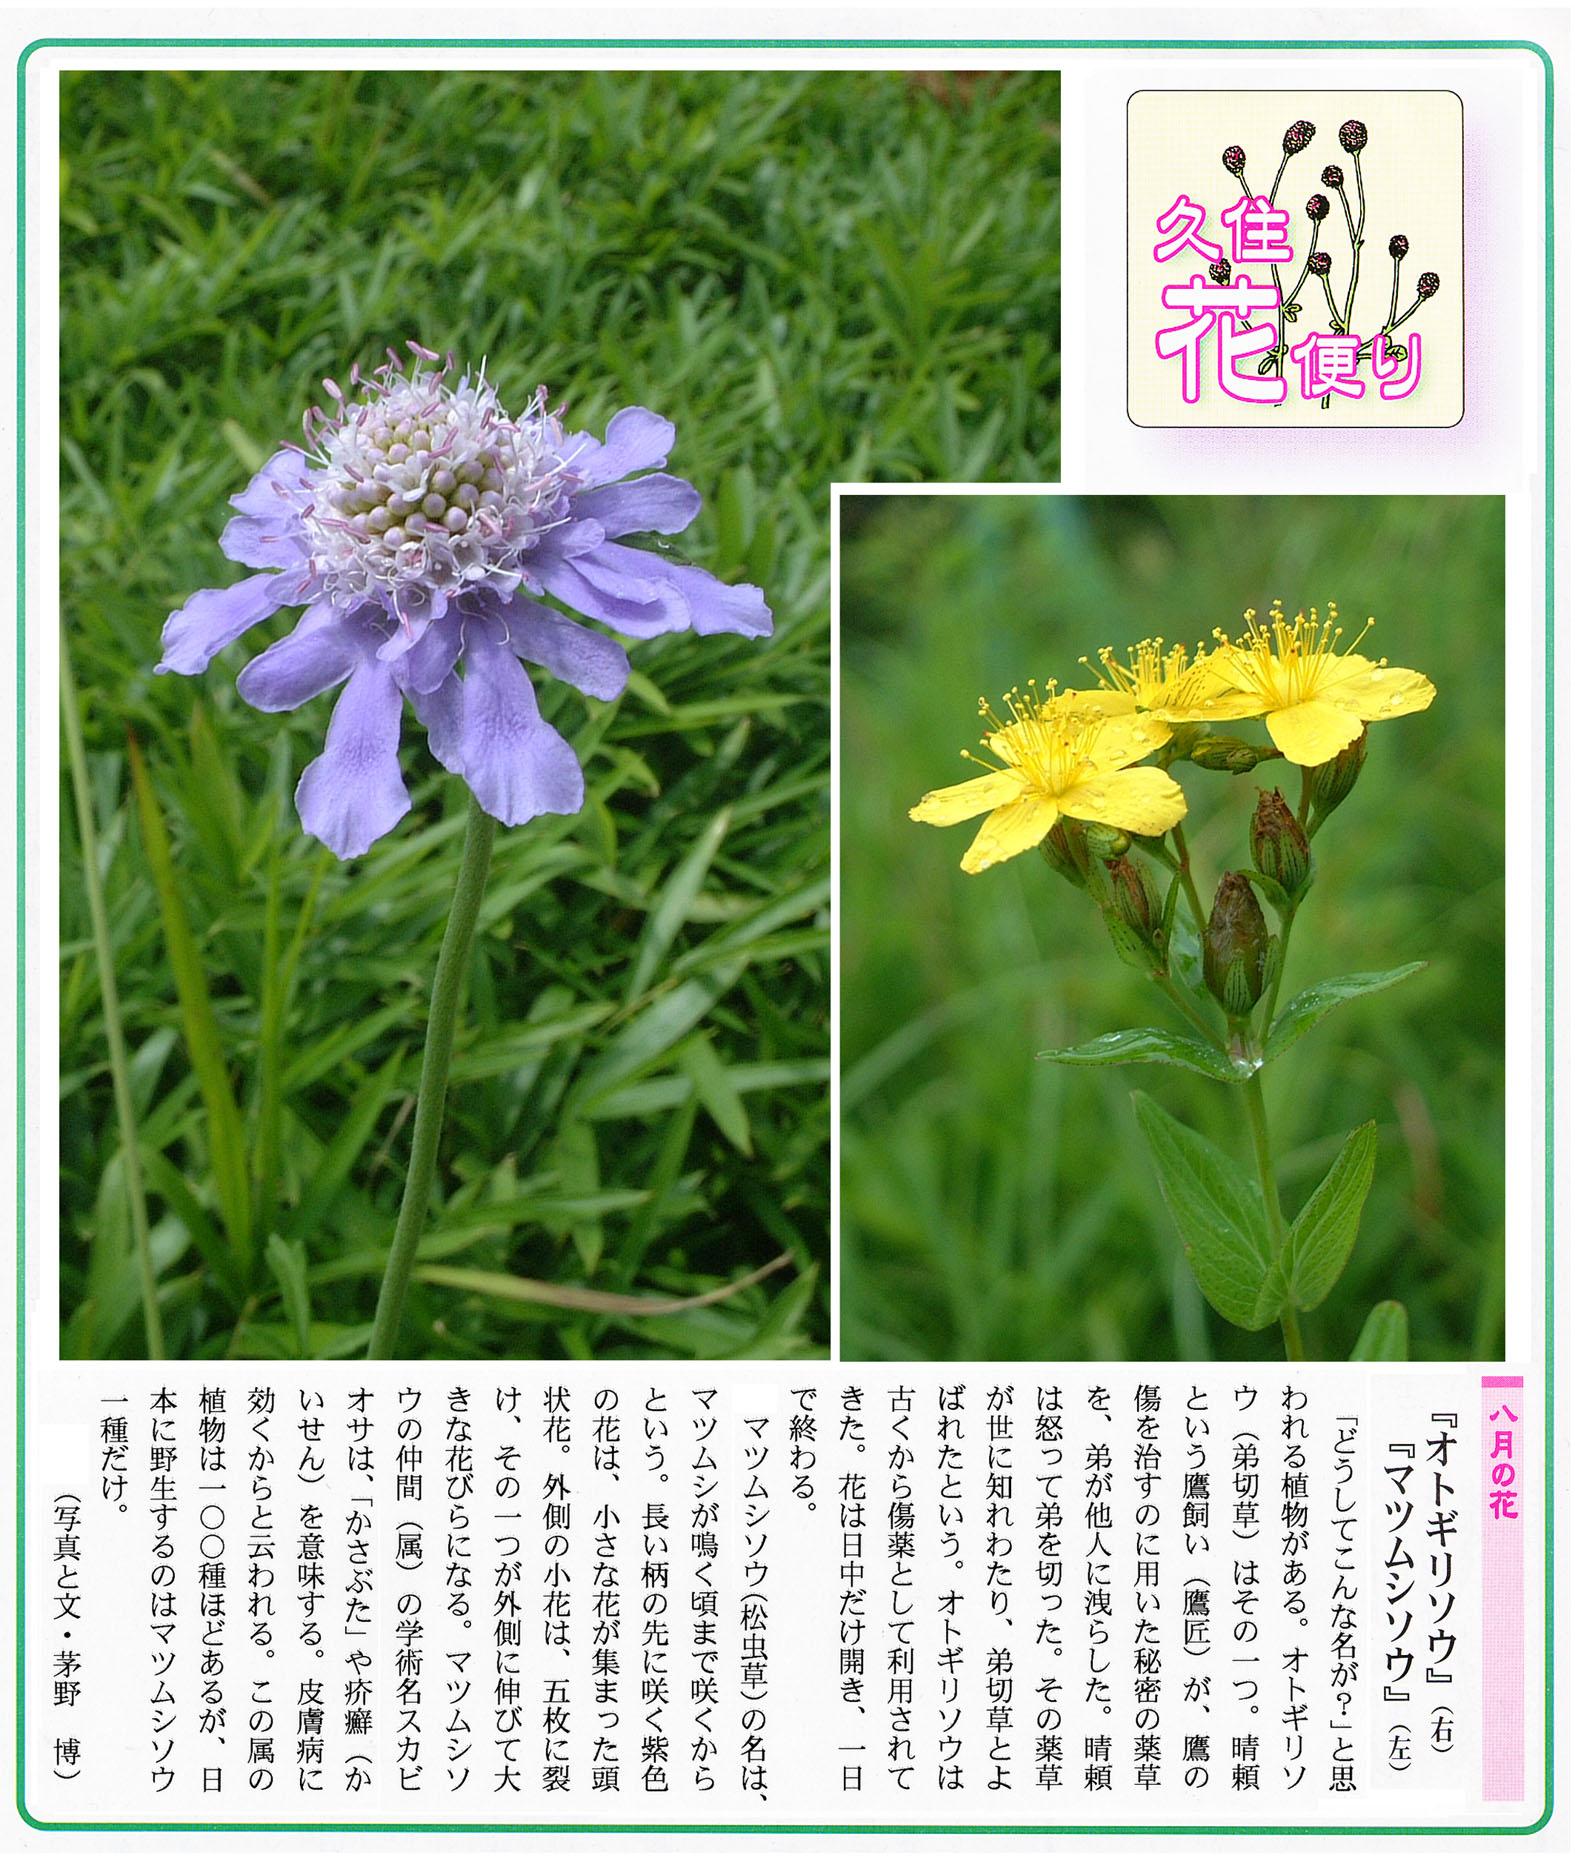 久住町広報誌掲載8月号